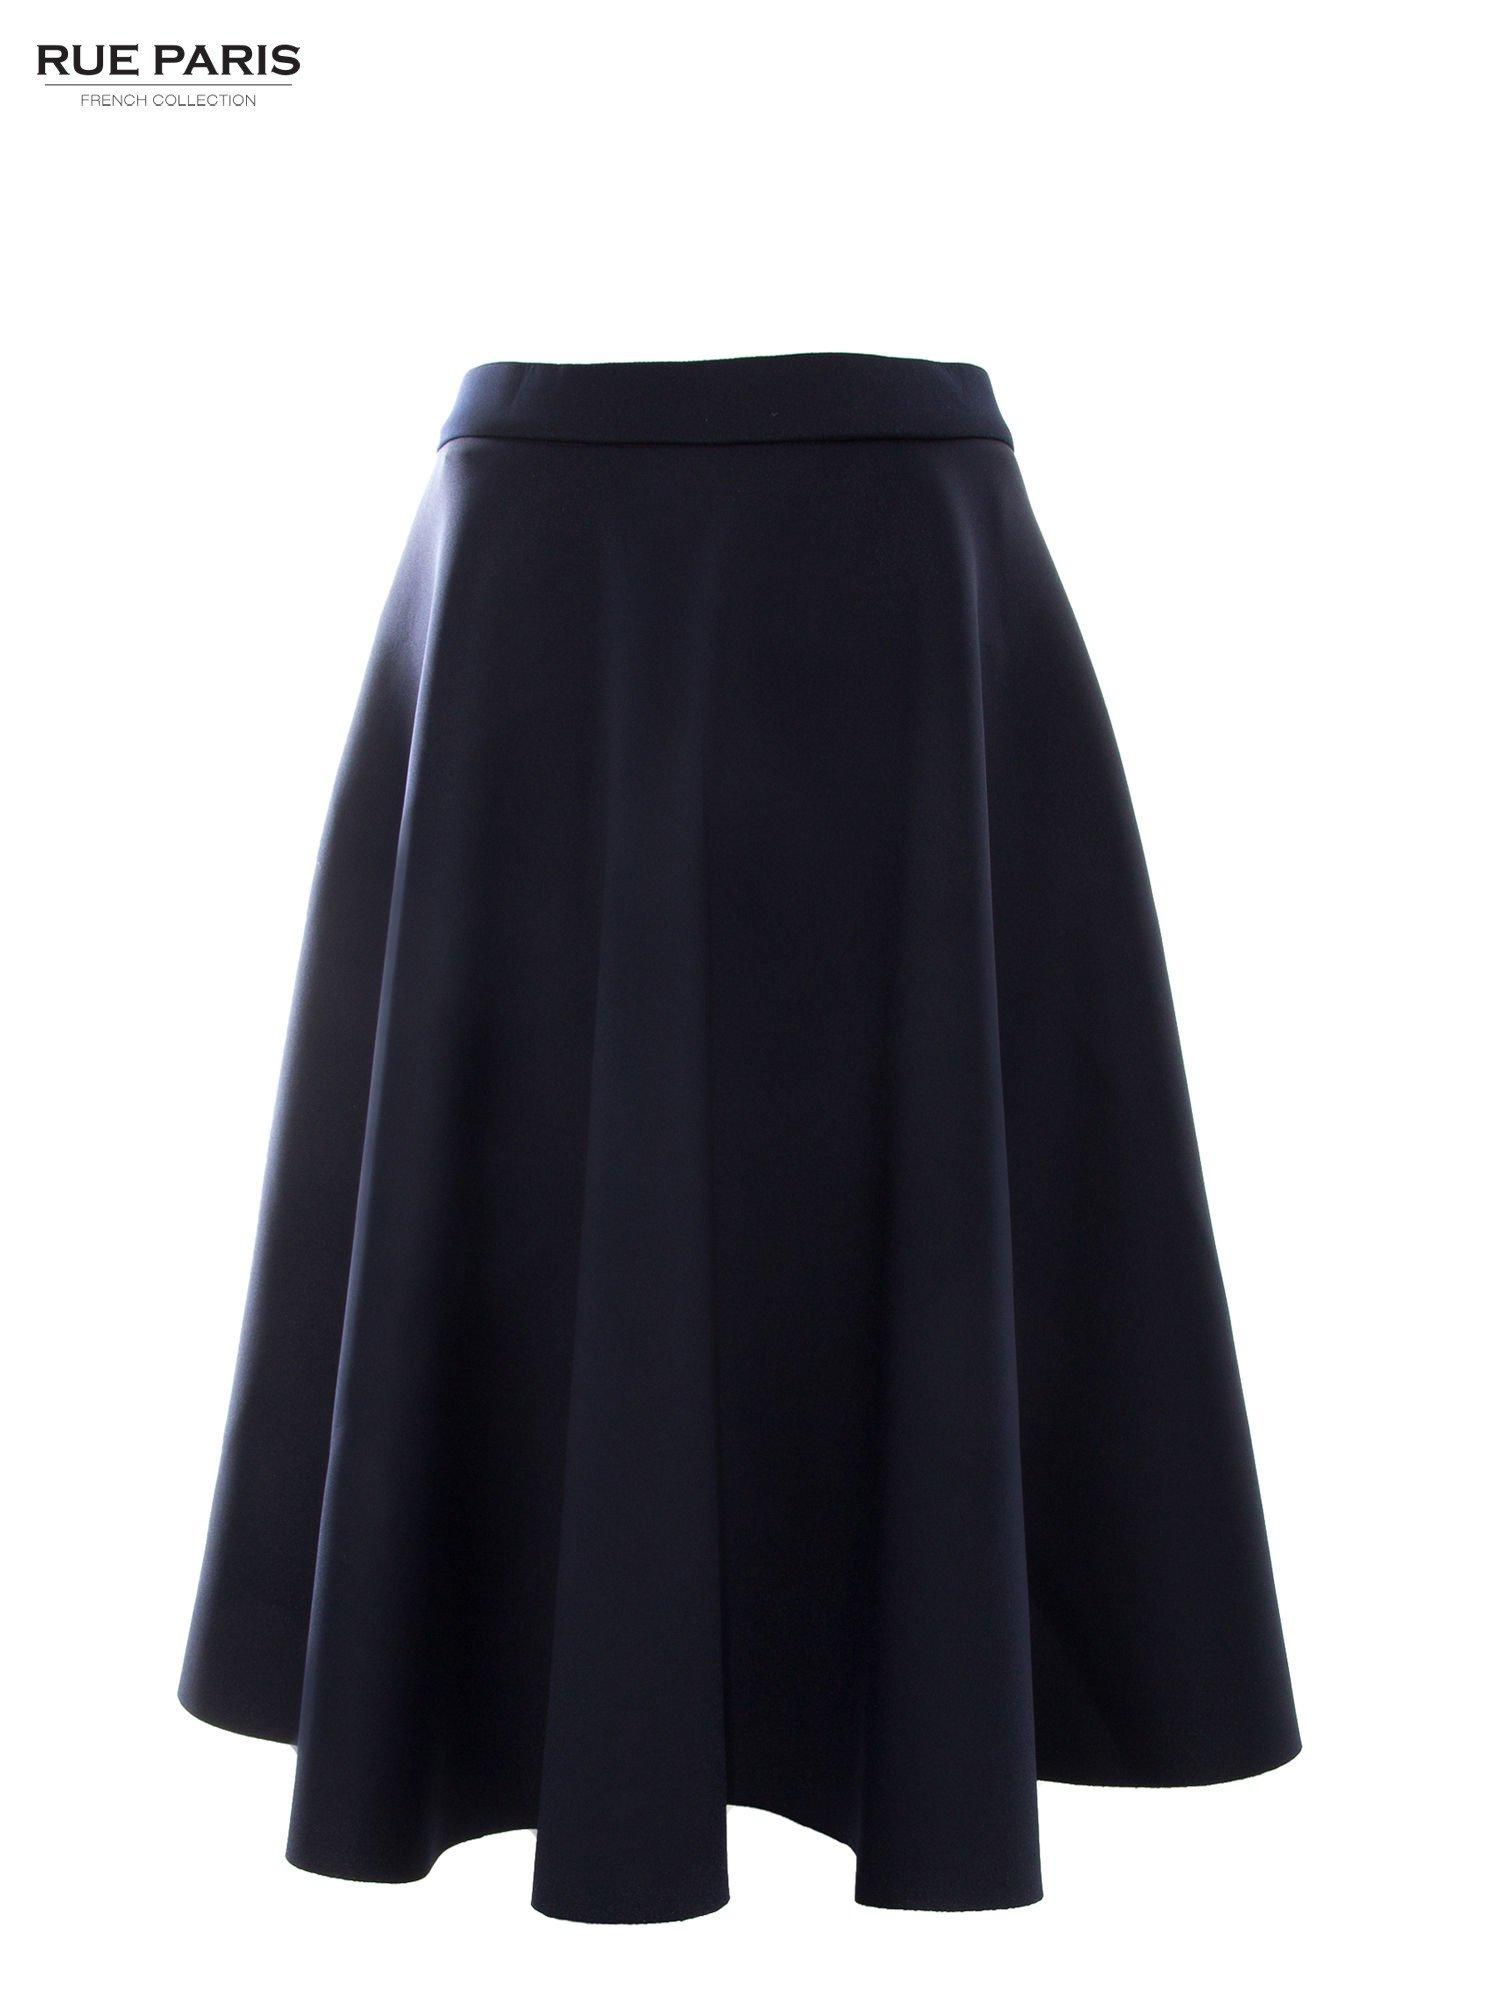 Granatowa neoprenowa spódnica midi szyta z koła                                  zdj.                                  2